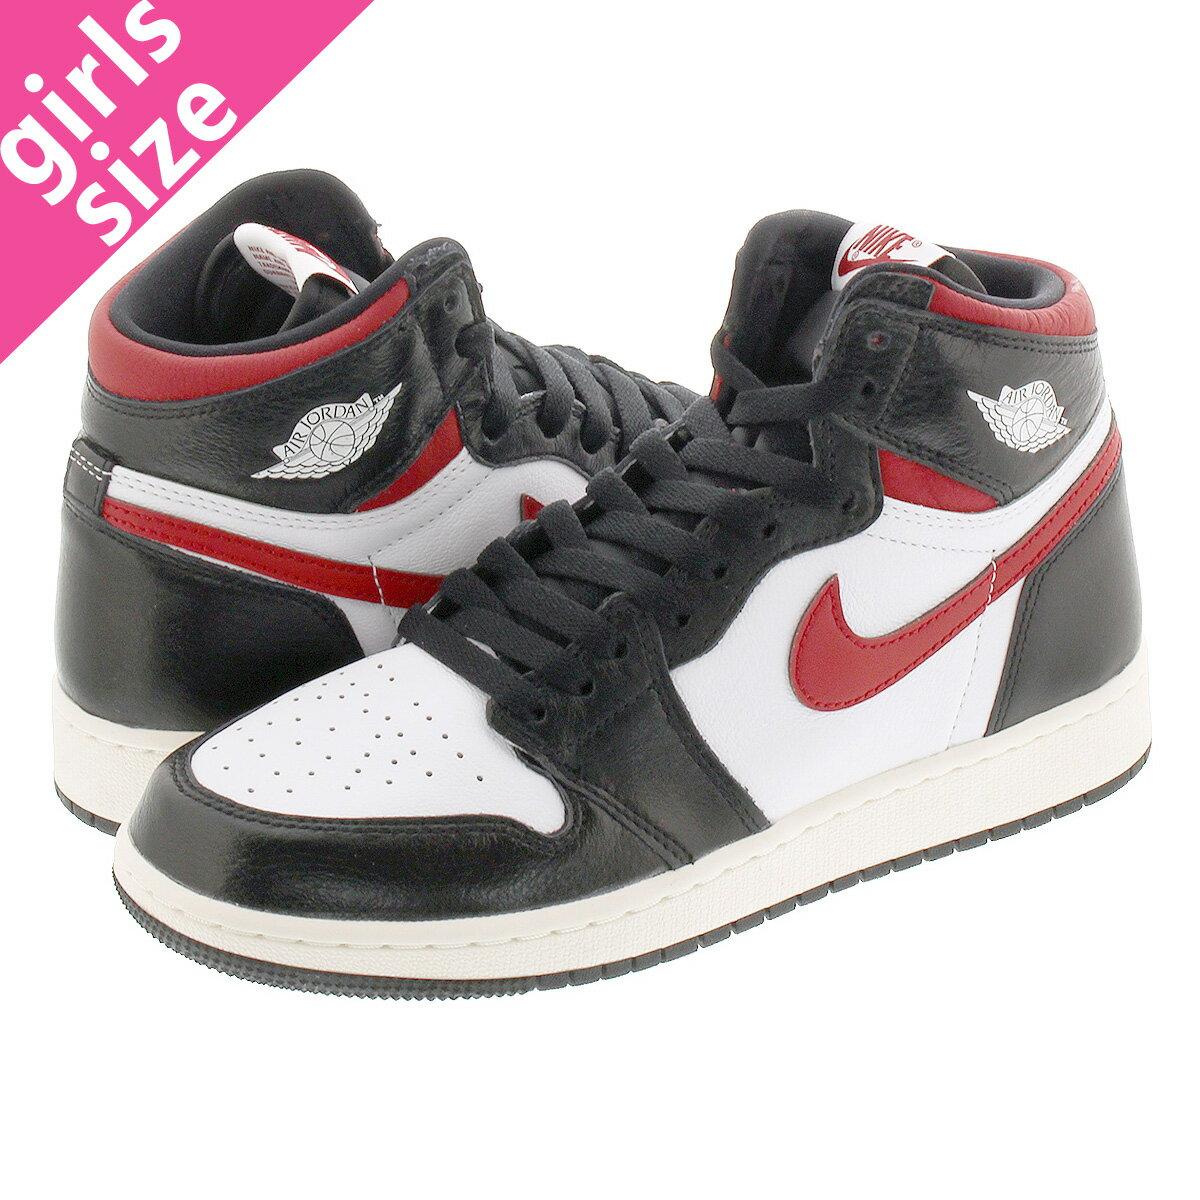 レディース靴, スニーカー NIKE AIR JORDAN 1 RETRO HIGH OG GS 1 OG GS BLACKWHITESAILGYM RED 575441-061